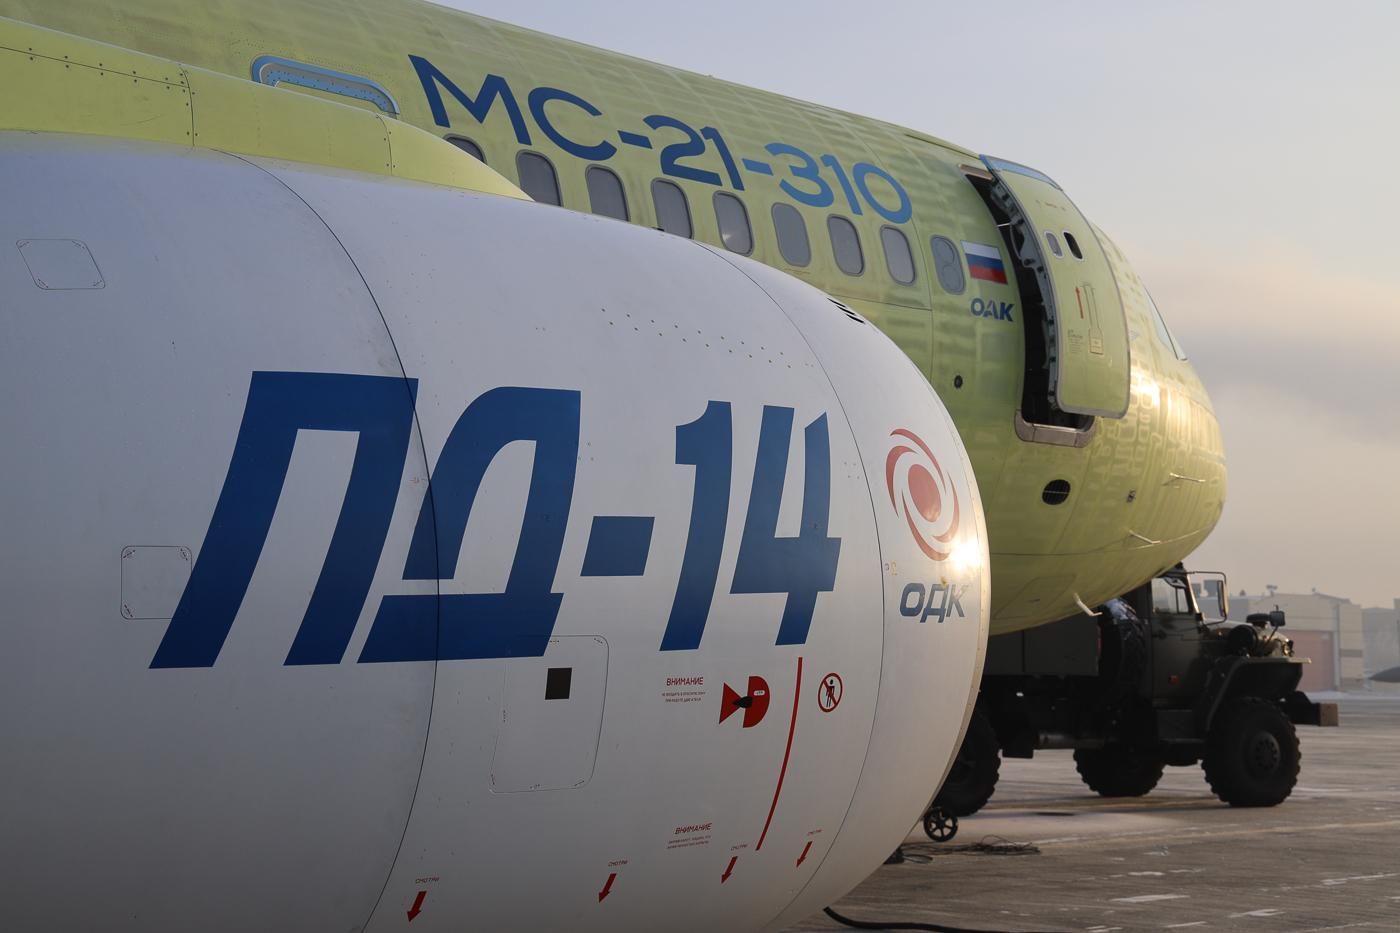 Двигатель ПД-14 получил сертификат ИКАО